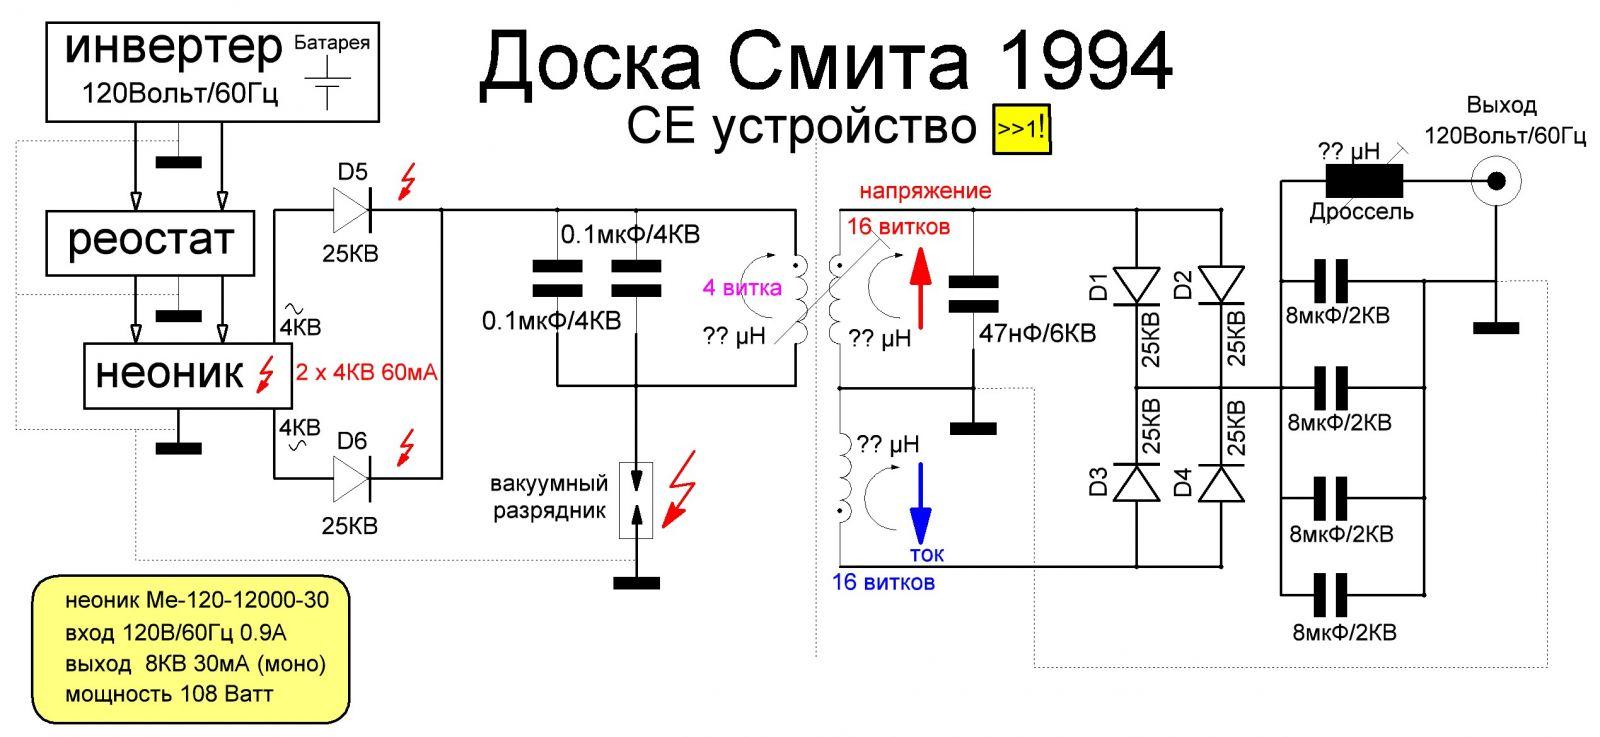 Схема генератора для смита